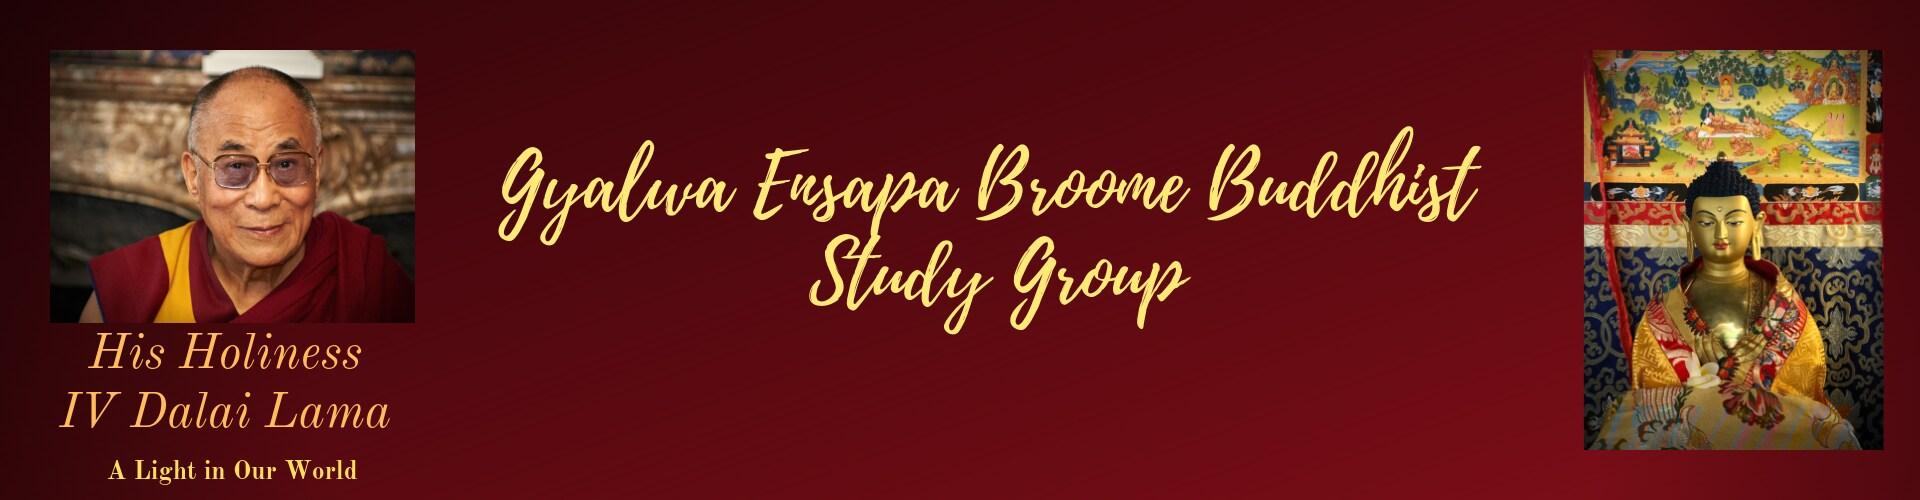 Web banner nov 18 gyalwa ensapa broome buddhist study group